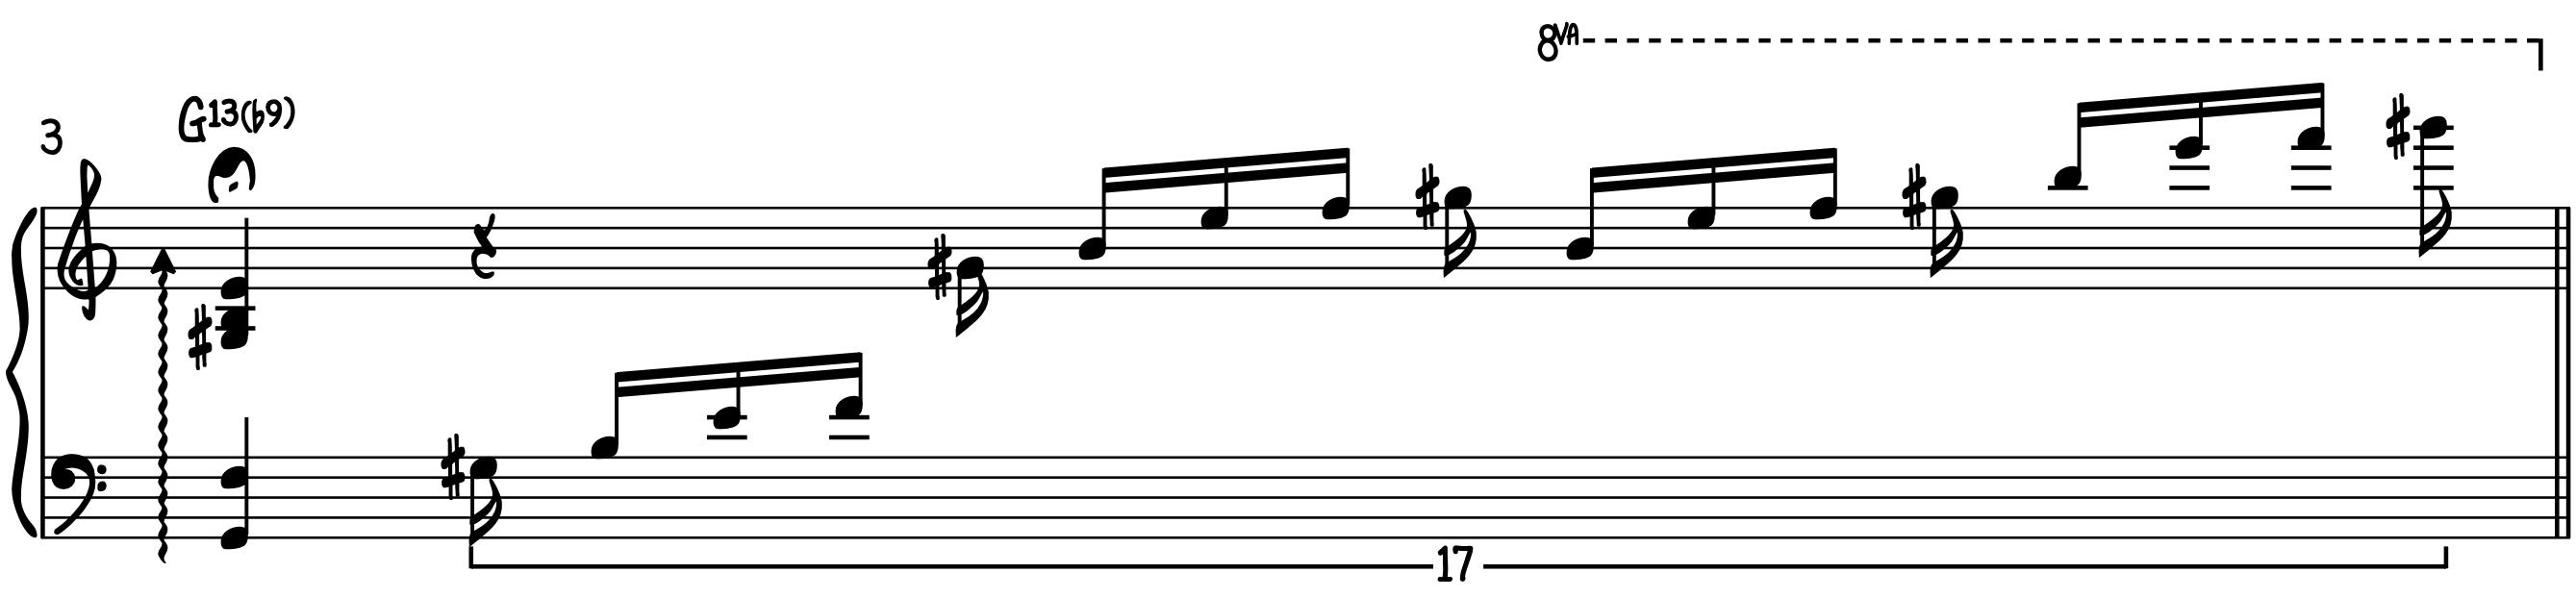 Stock Jazz Ballad Intro for Piano Introduction Run fermata setup glissando